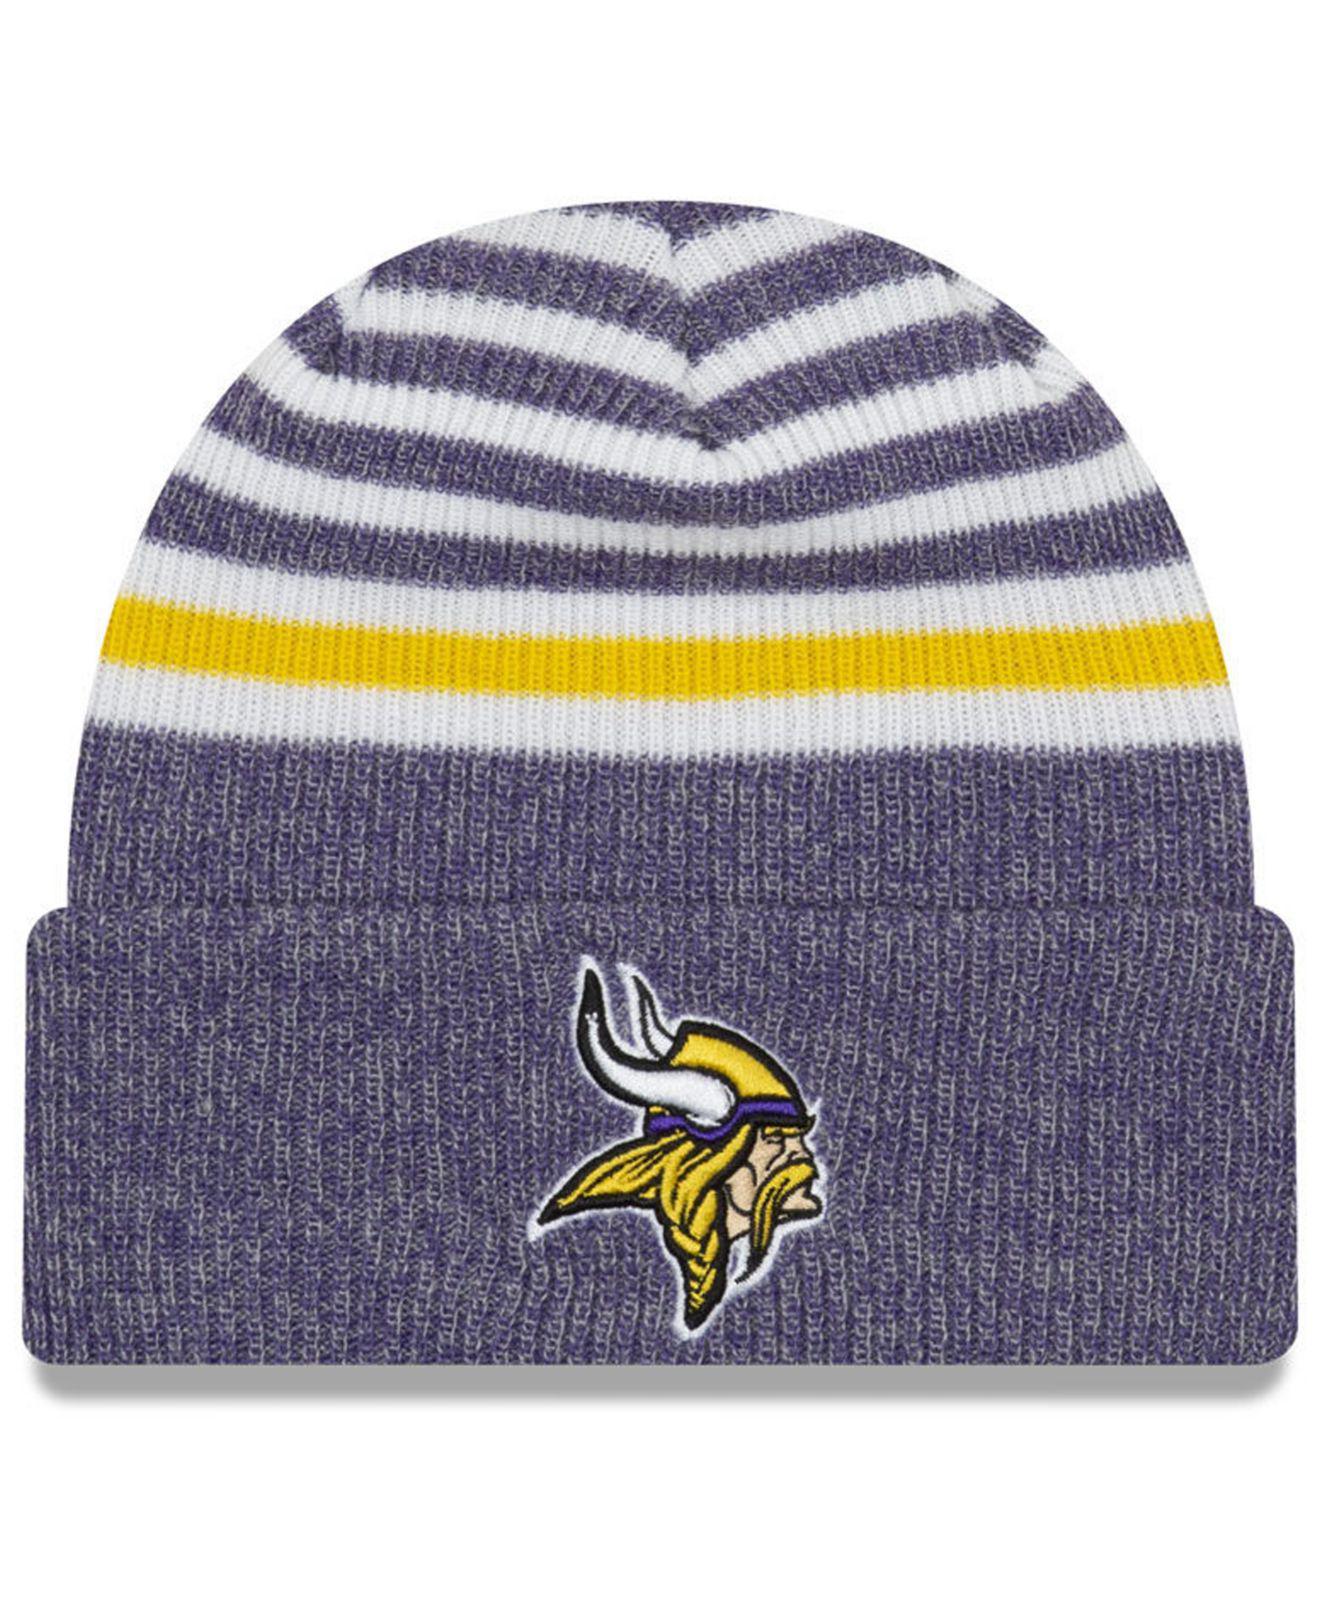 Lyst - Ktz Minnesota Vikings Striped Cuff Knit Hat in Purple for Men 8a42abda2